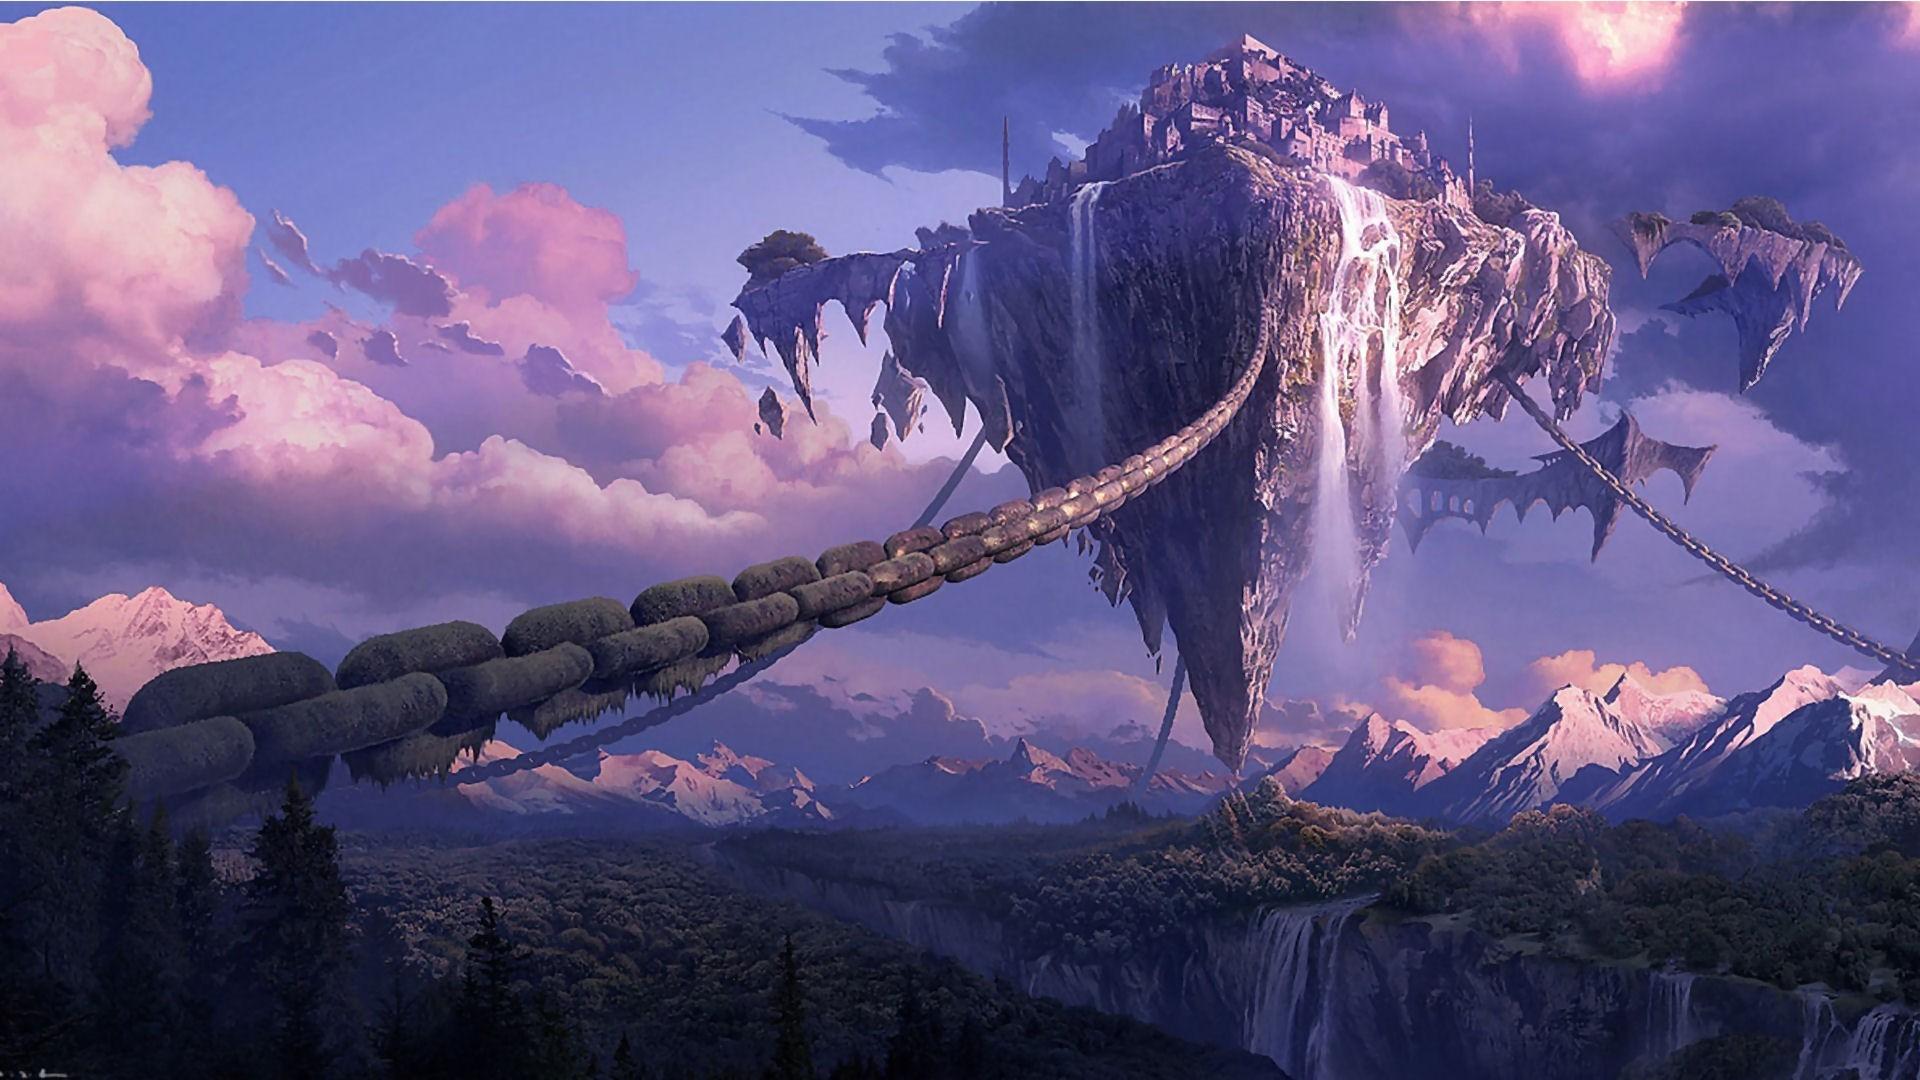 Elven Forest Wallpaper (74+ images)